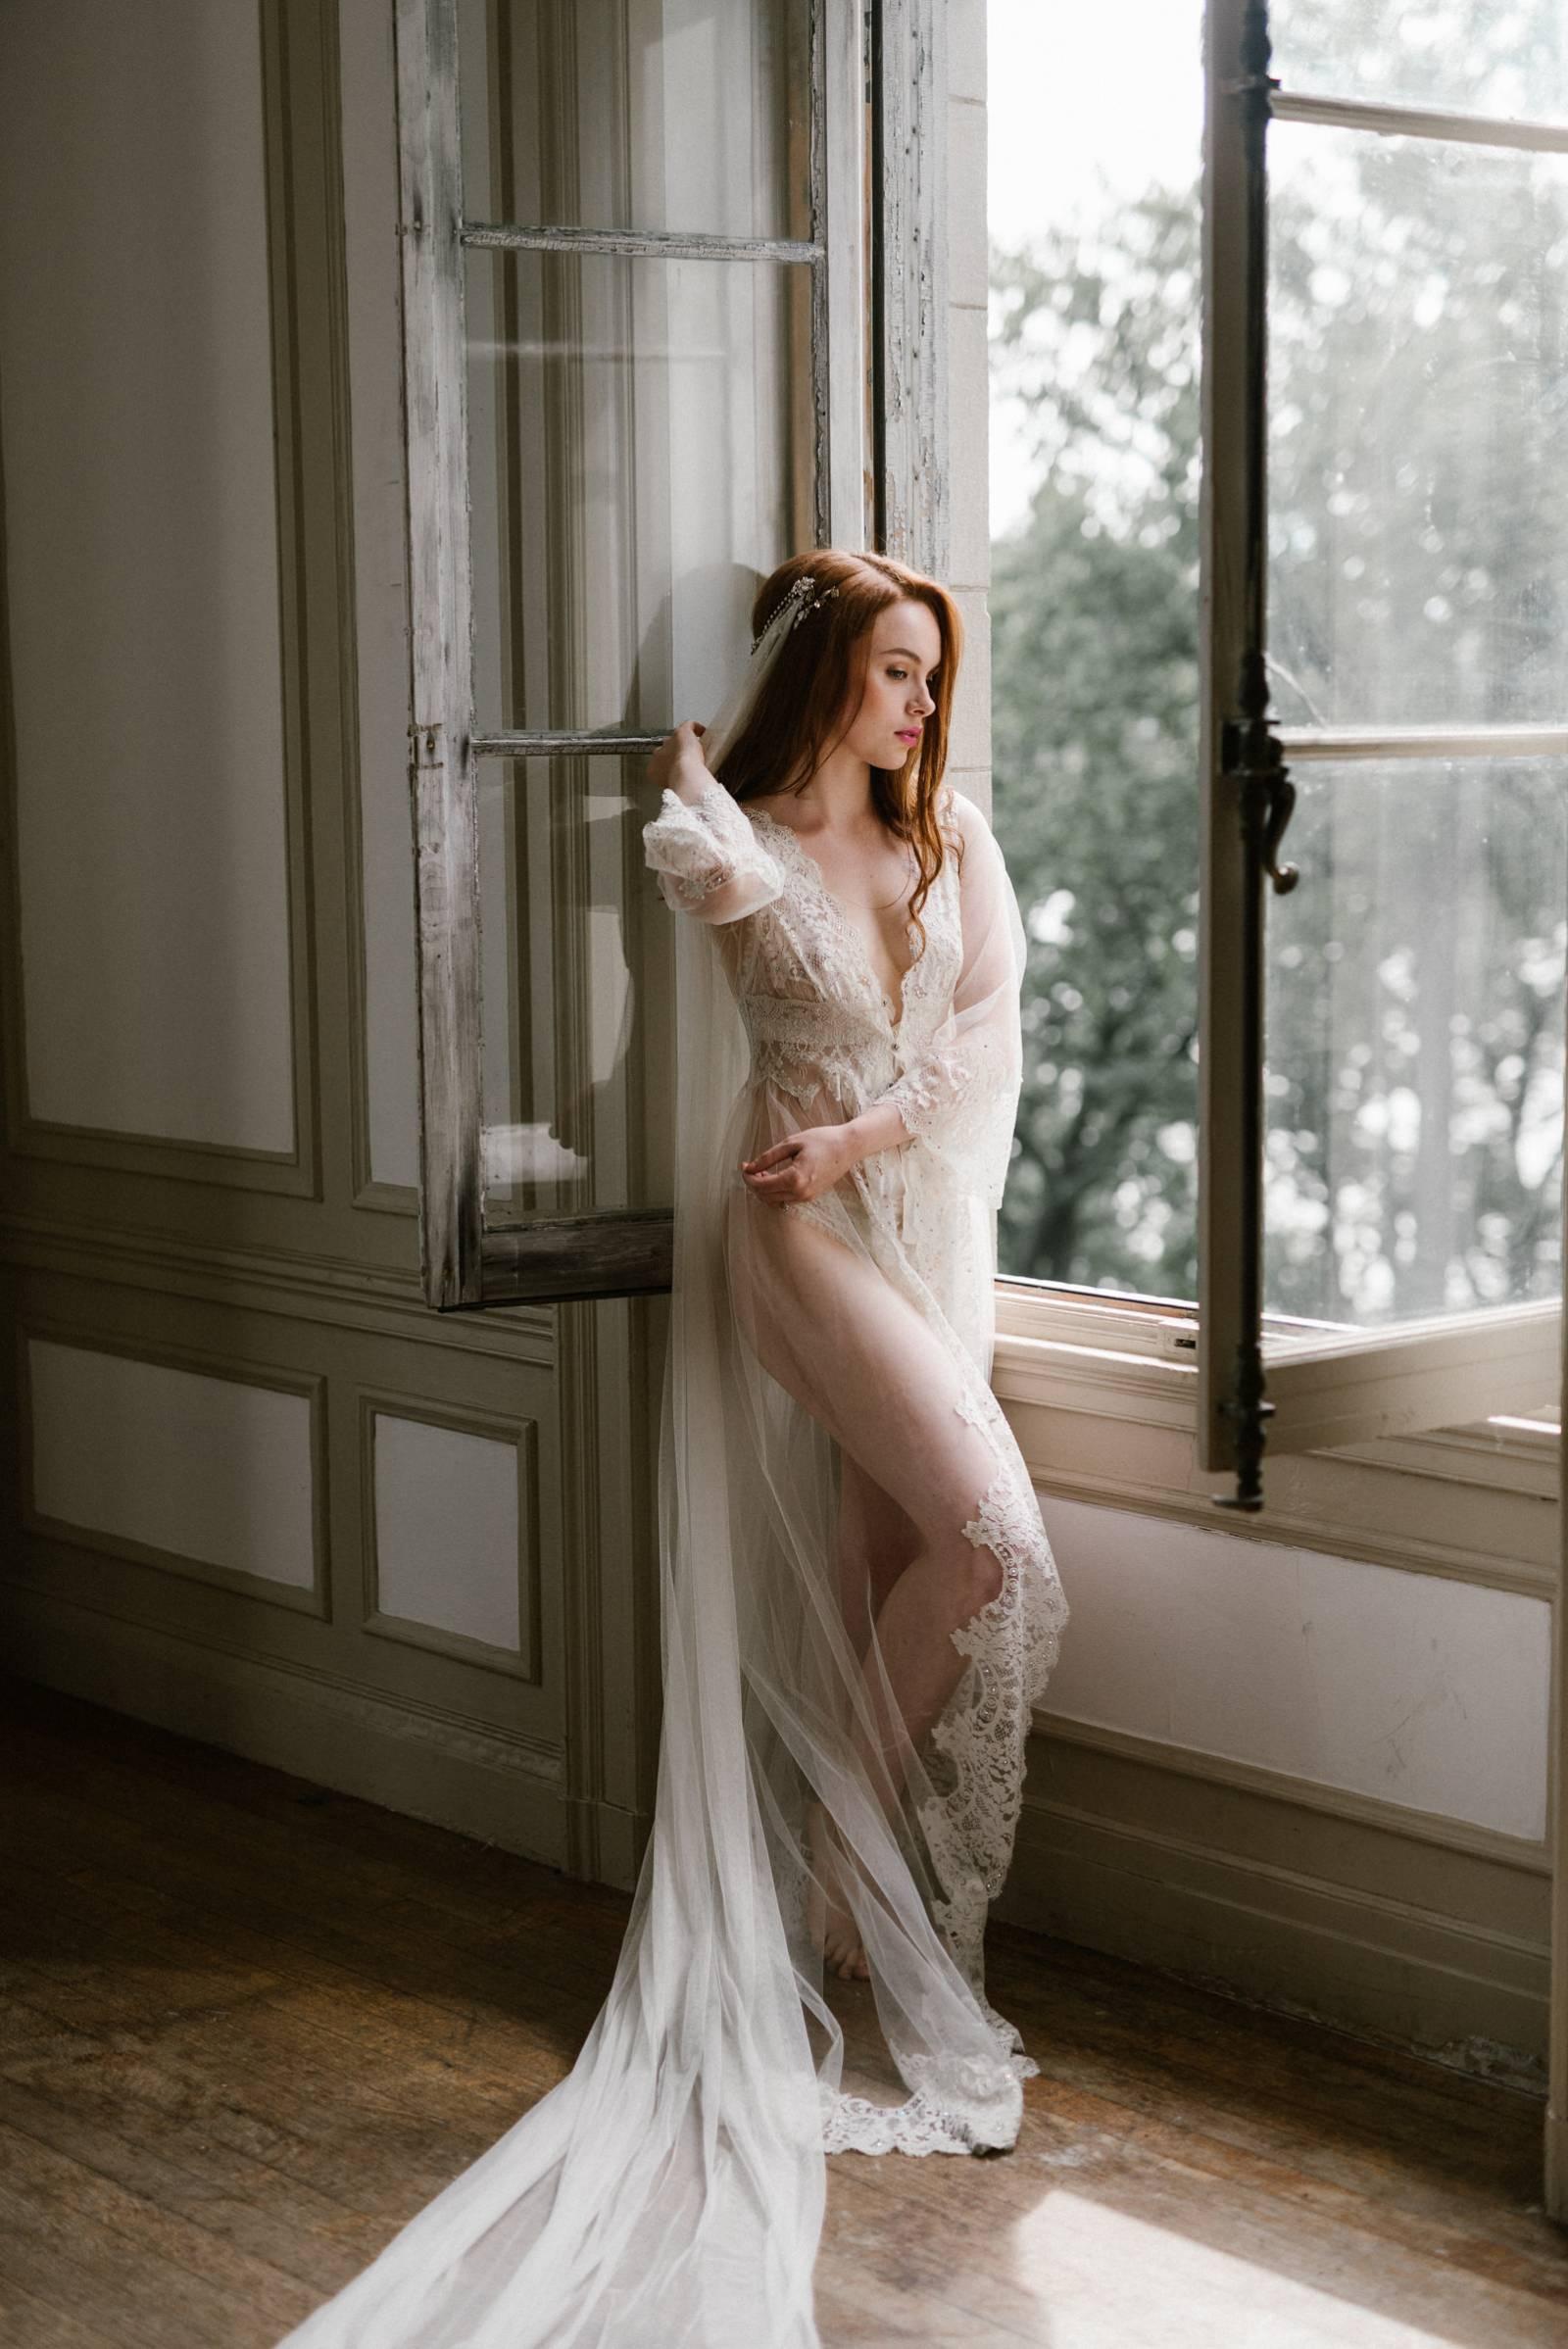 best wedding boudoir photography